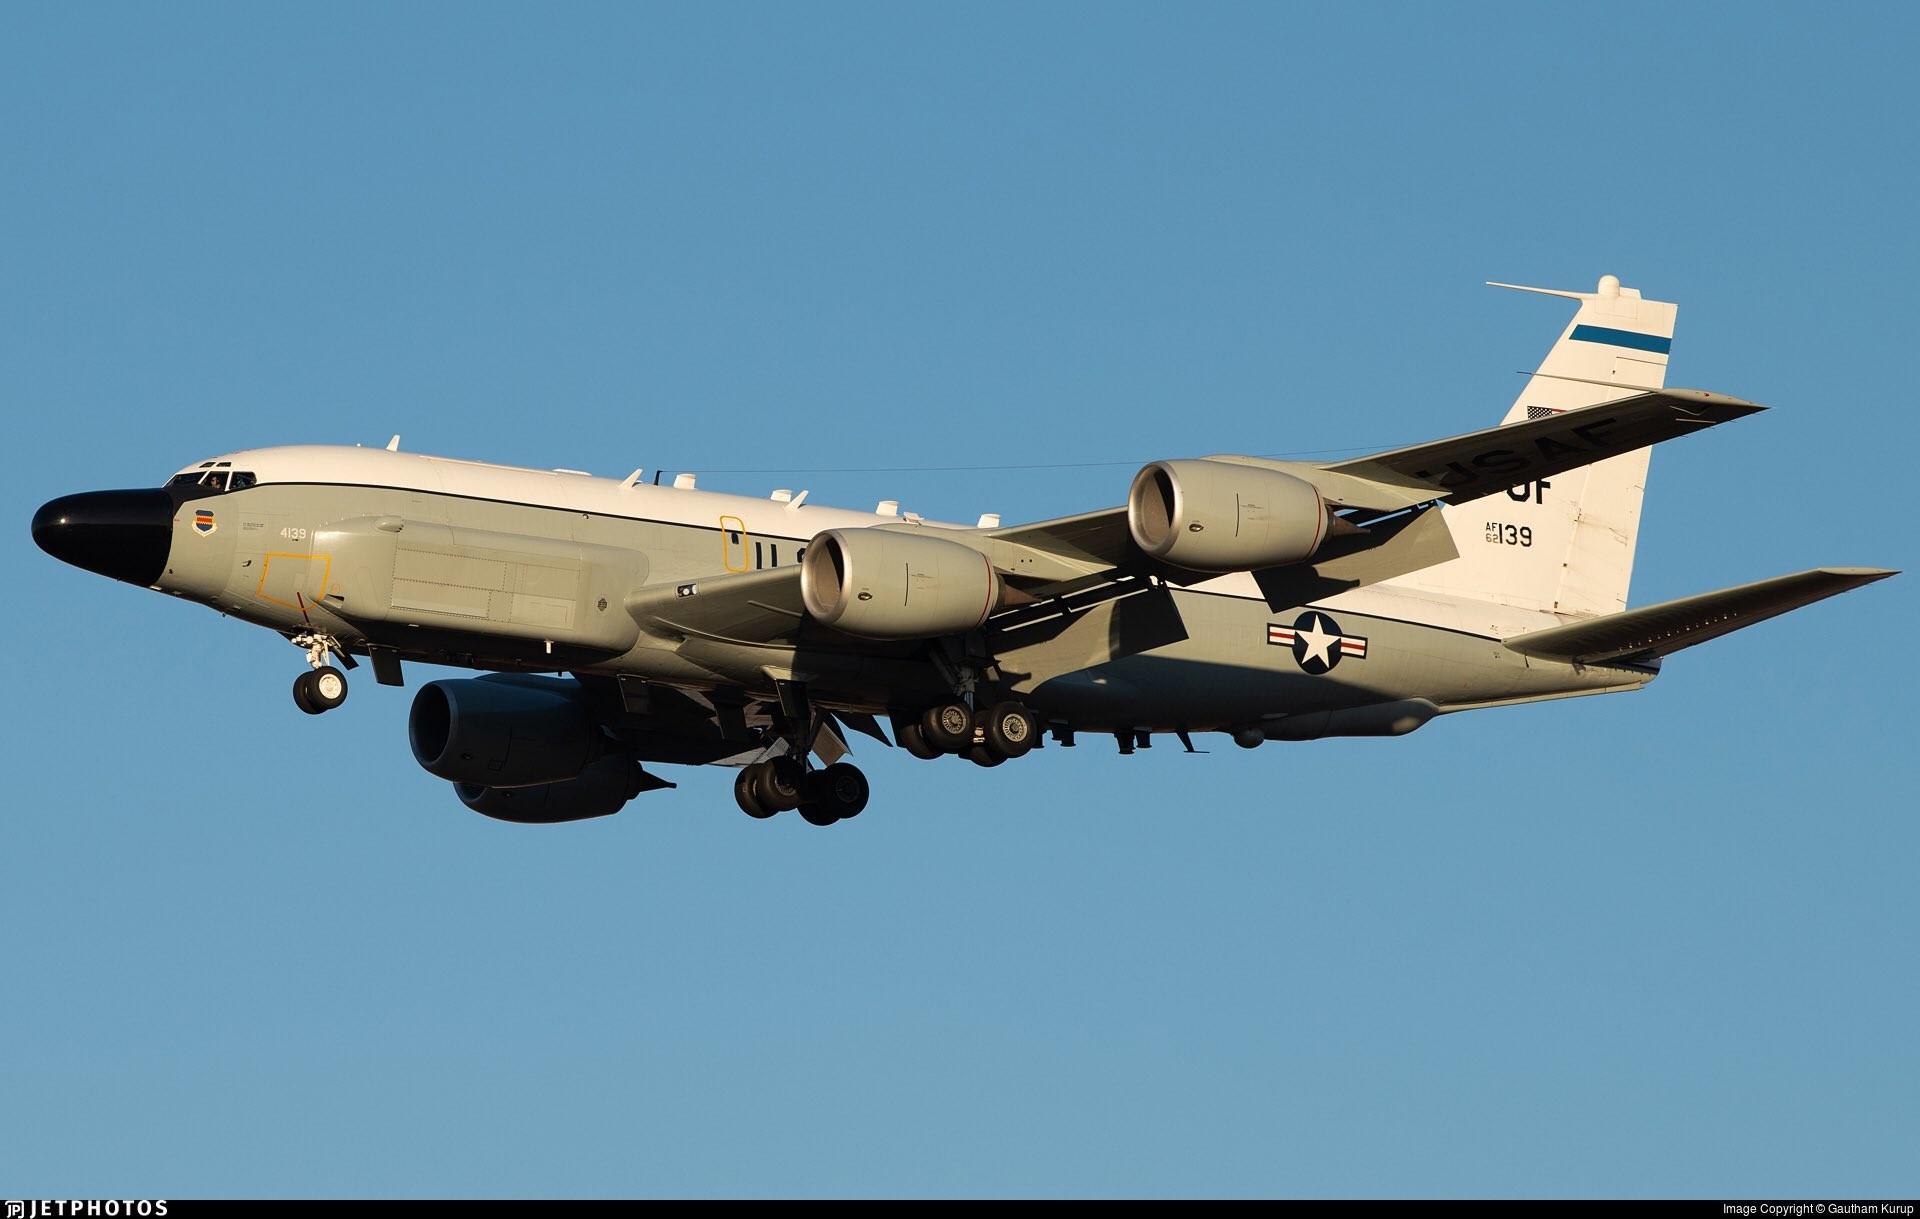 ▲▼美軍4日出動偵察機RC-135監視北韓動向。(圖/翻攝自Twitter@Nocallsign17)